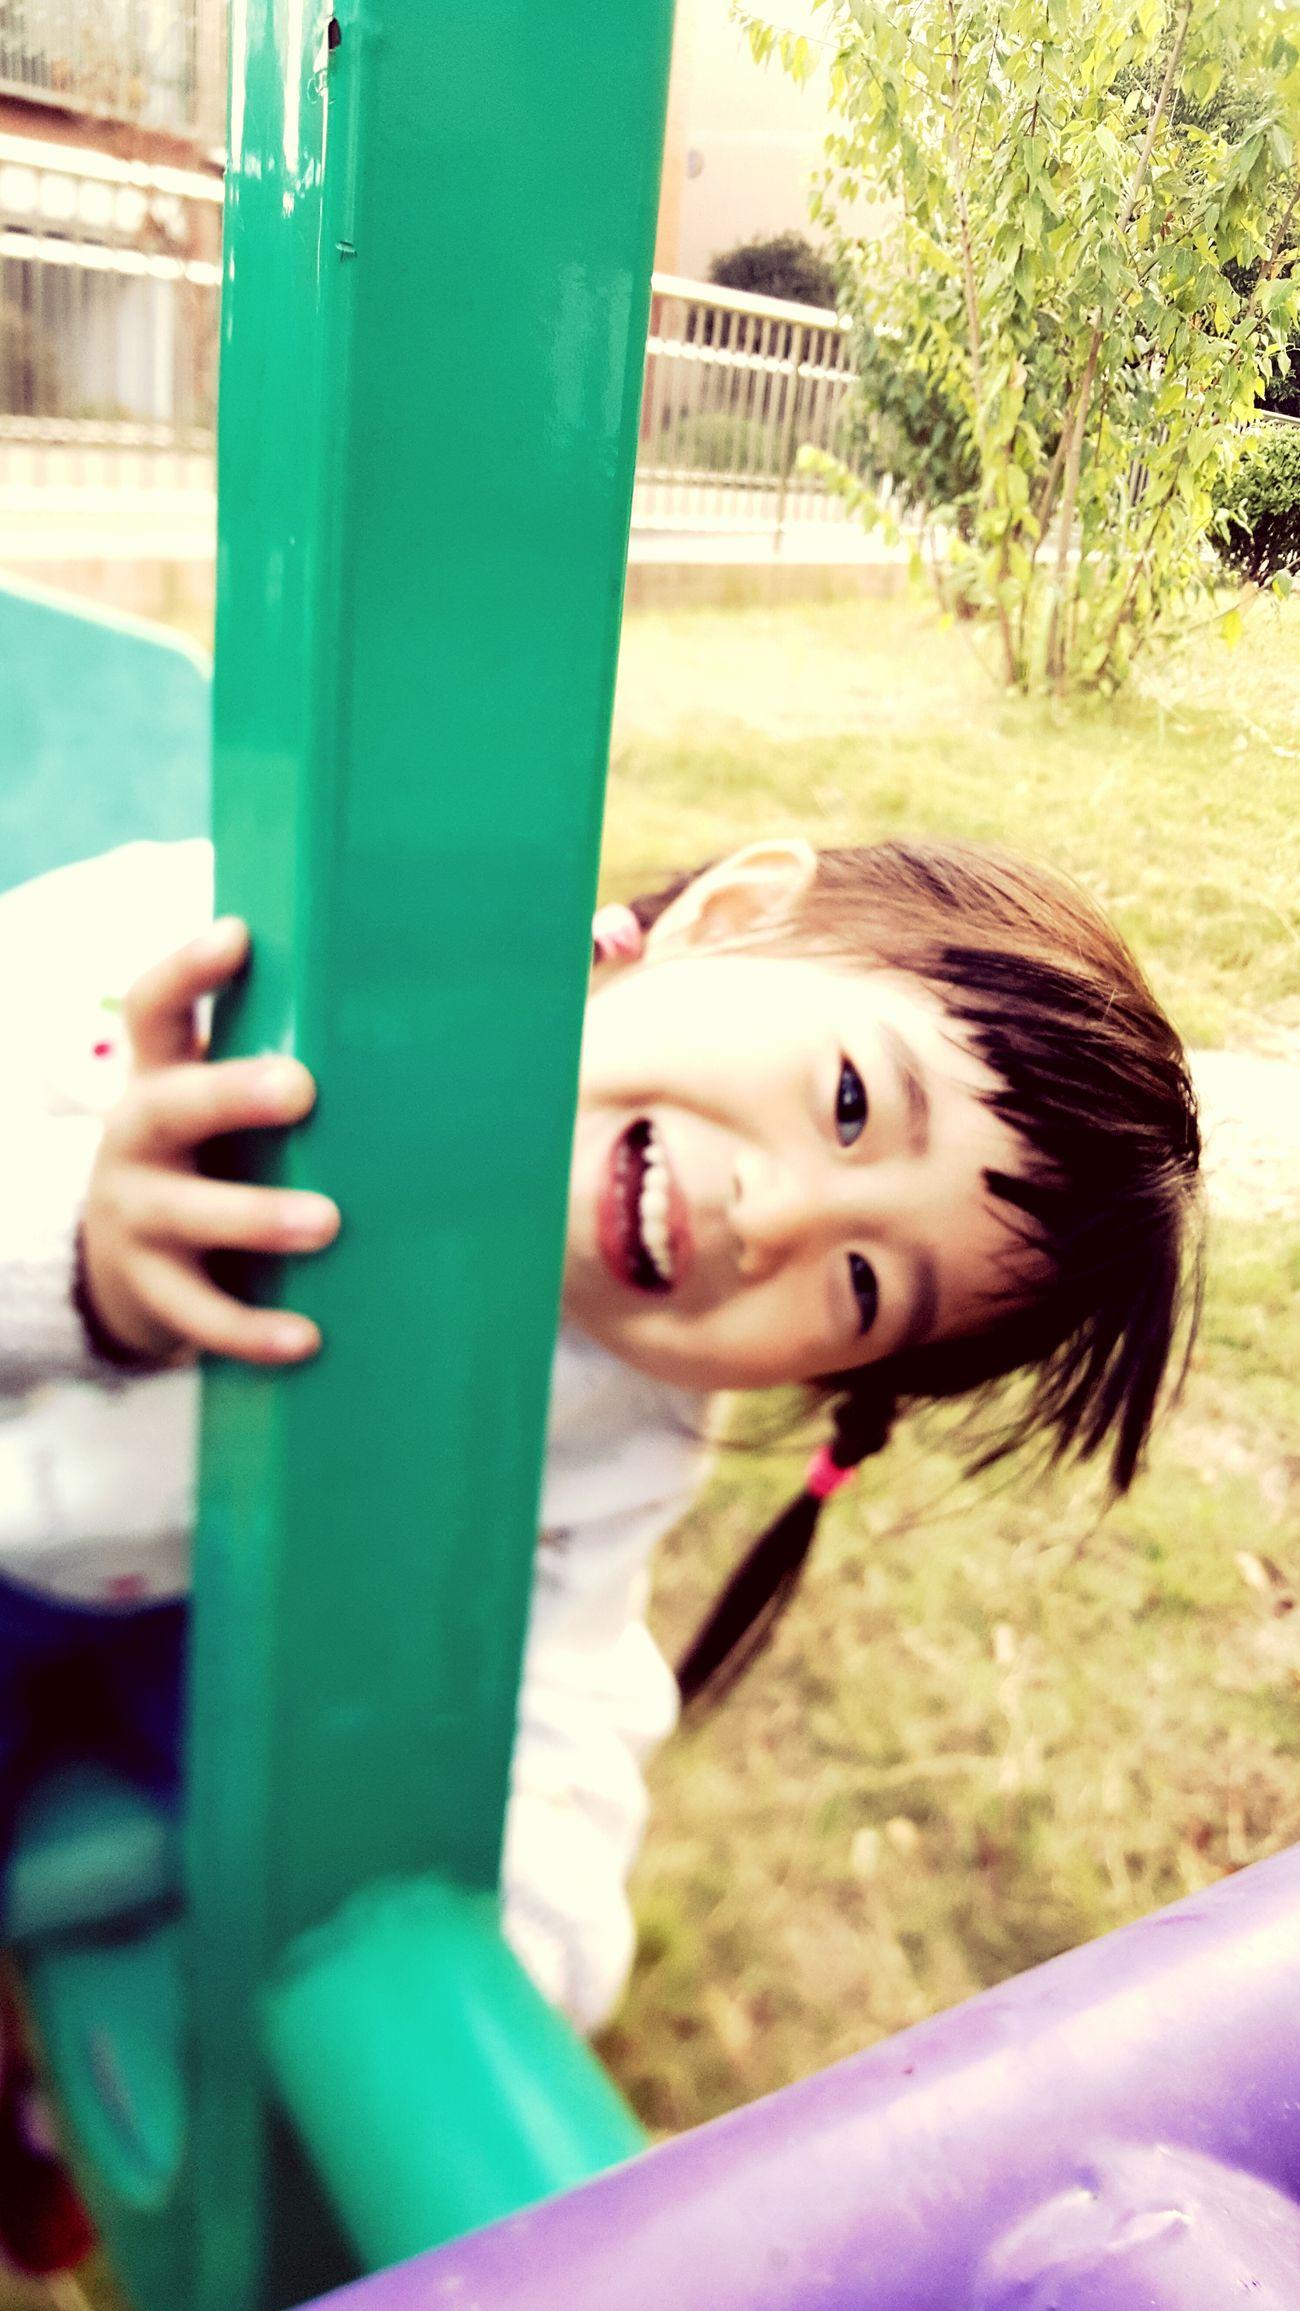 我的女神 One Person Smiling Child Happiness One Person Smiling Holding Portrait Child Looking At Camera People Front View Happiness Leisure Activity Children Only Day Outdoors One Girl Only Childhood Refreshment Adult First Eyeem Photo